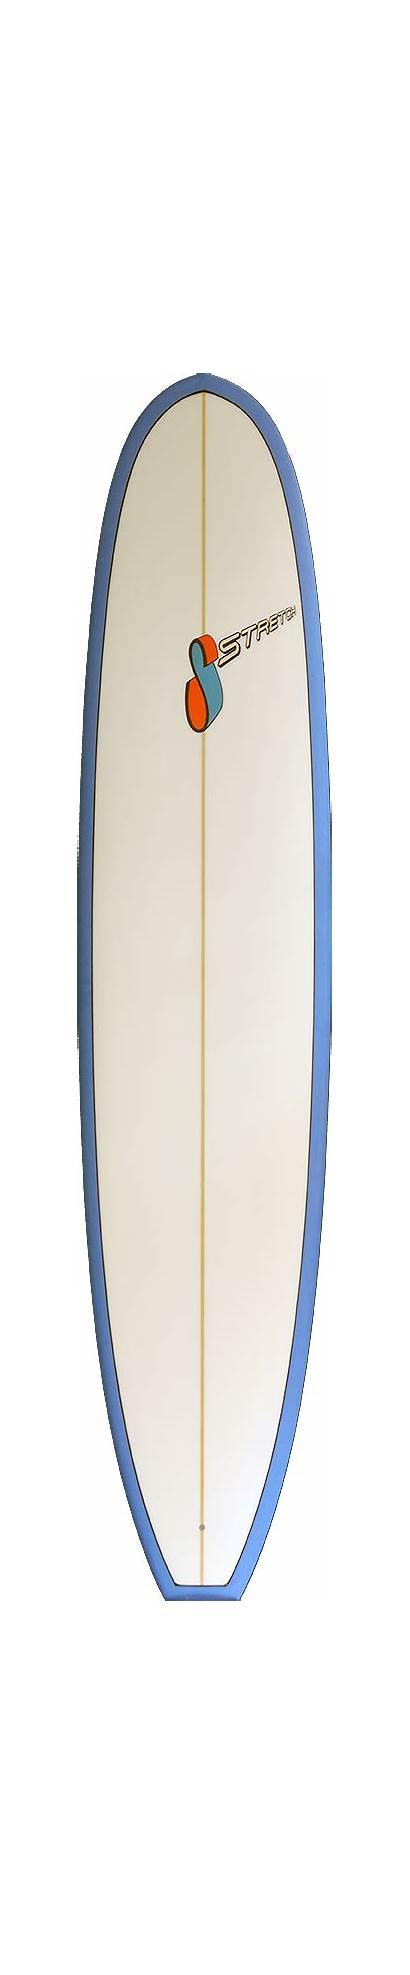 Longboard Classic Boards Surfboard Surfboards